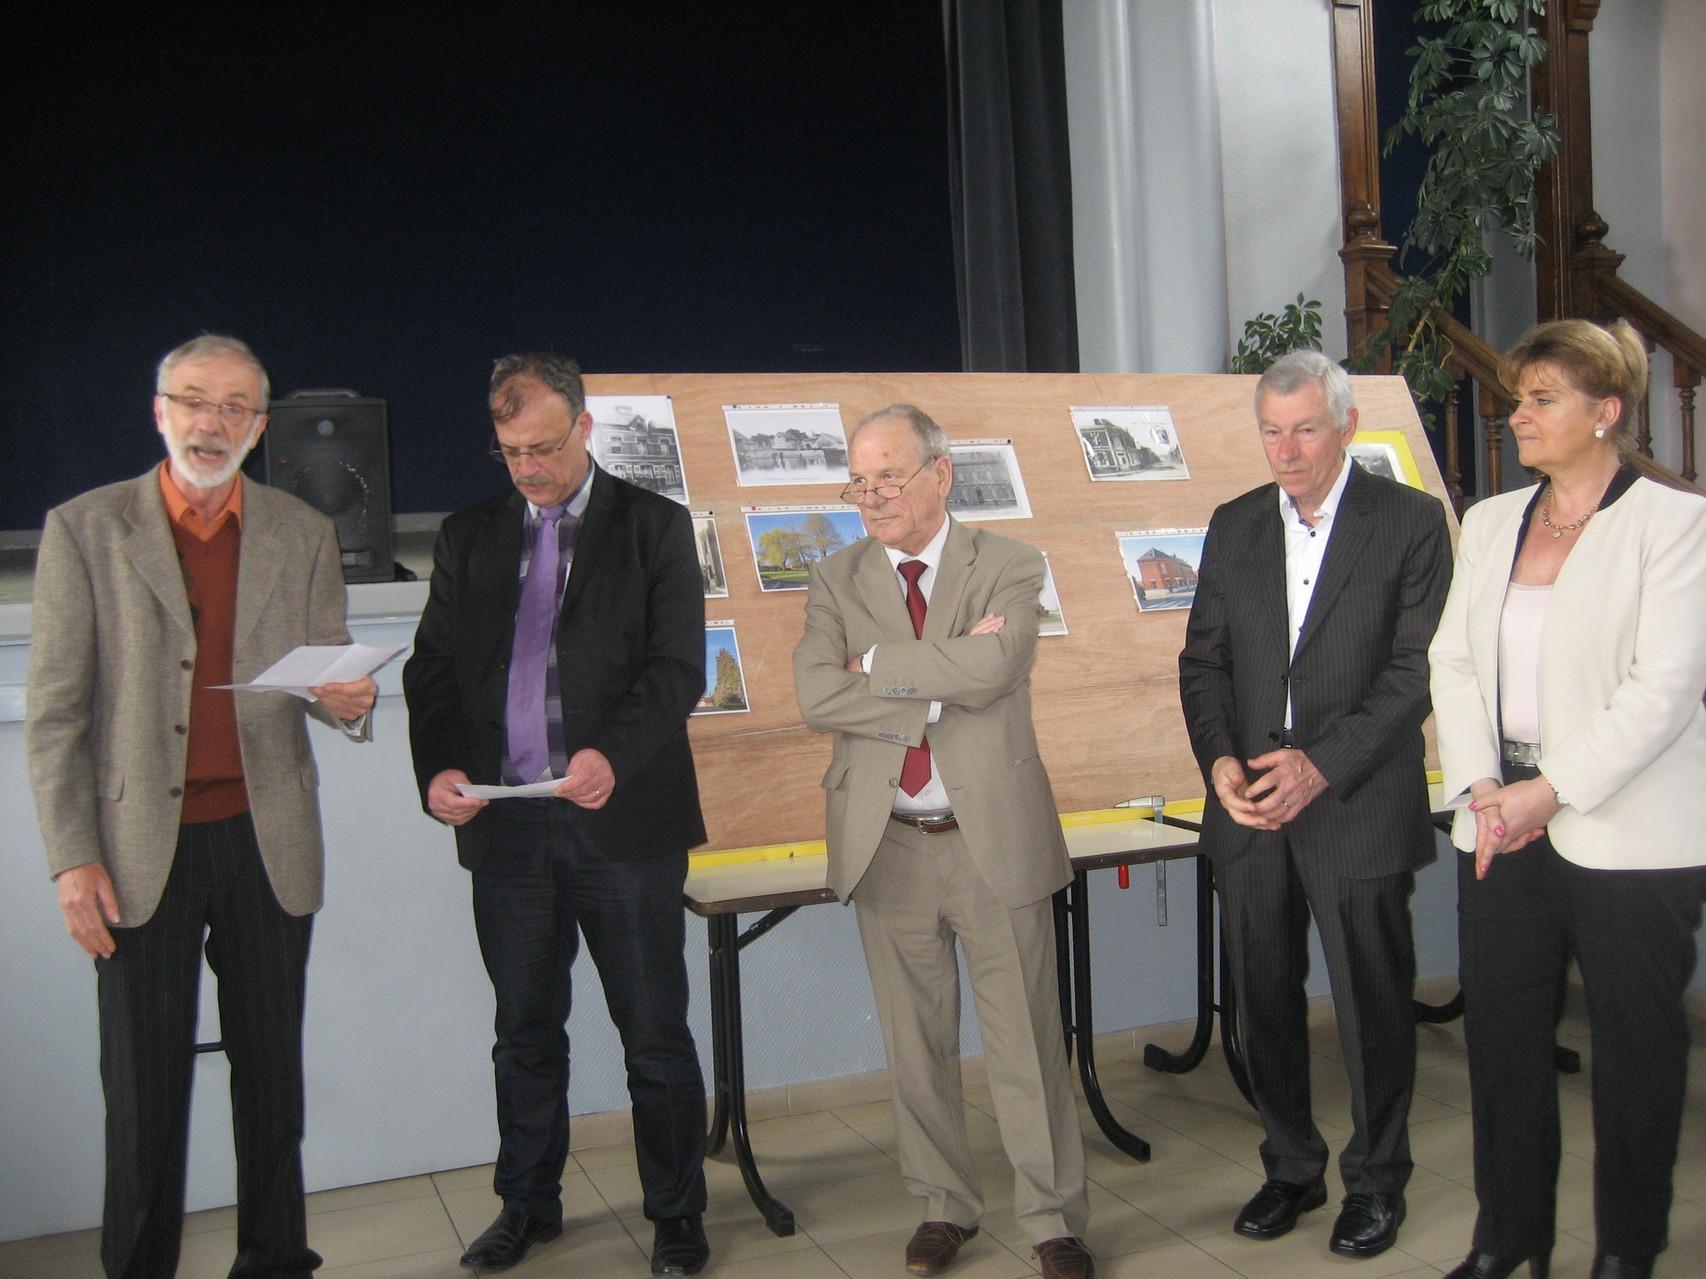 Monsieur Delaire, Monsieur le Maire et les officiels